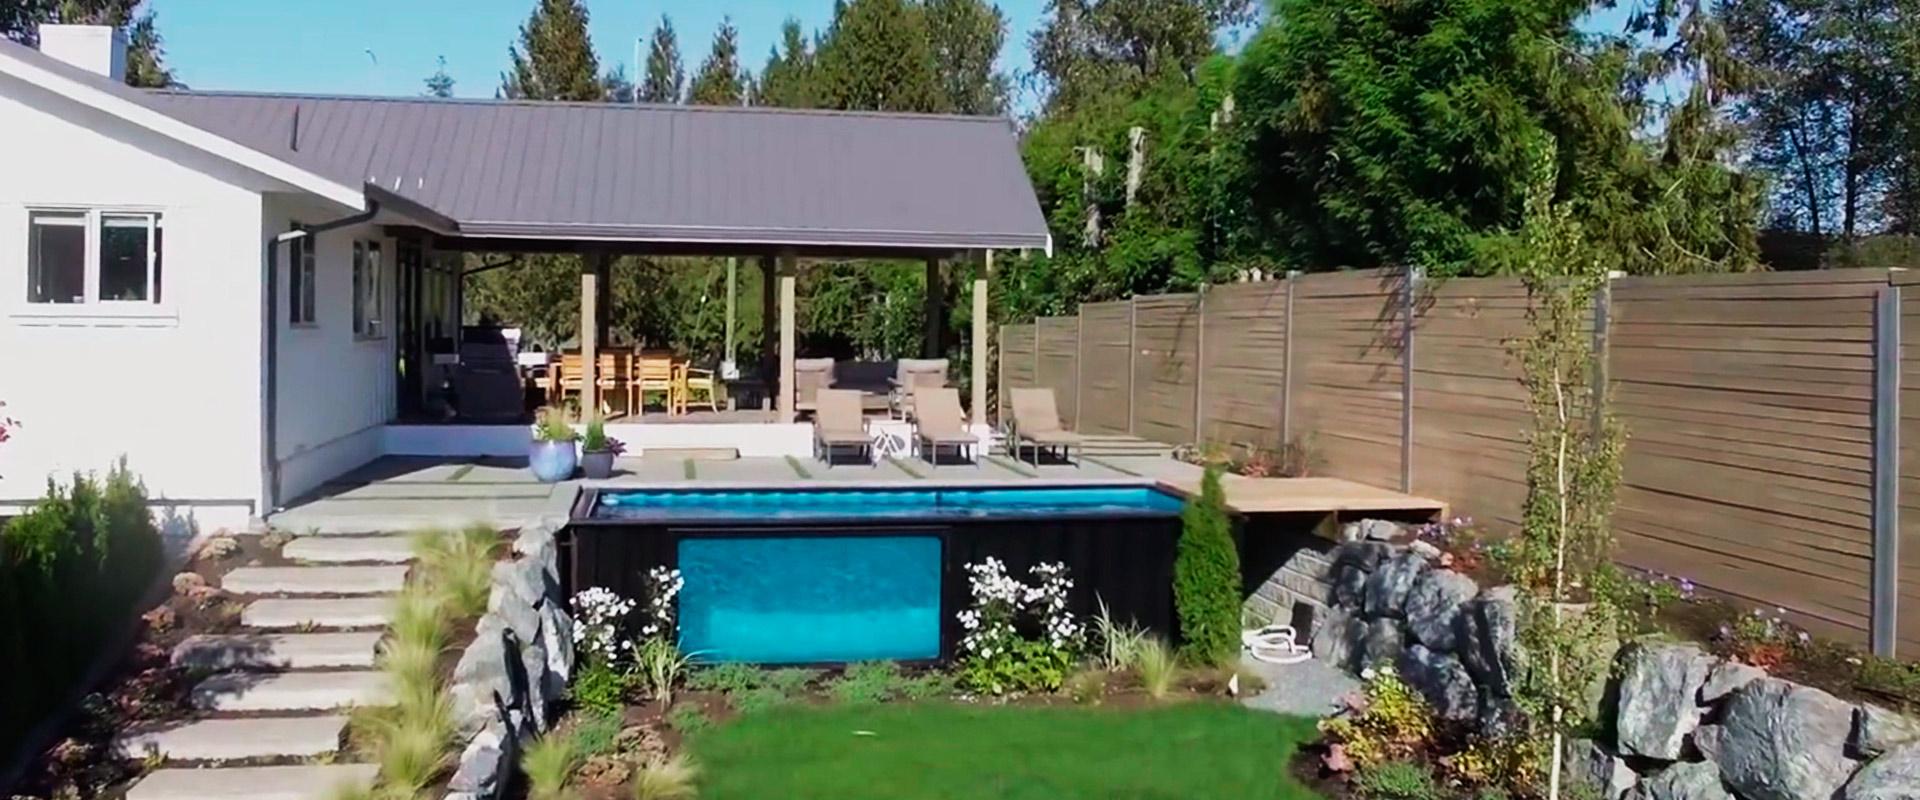 piscina-container-em-residencia-privada-com-visor